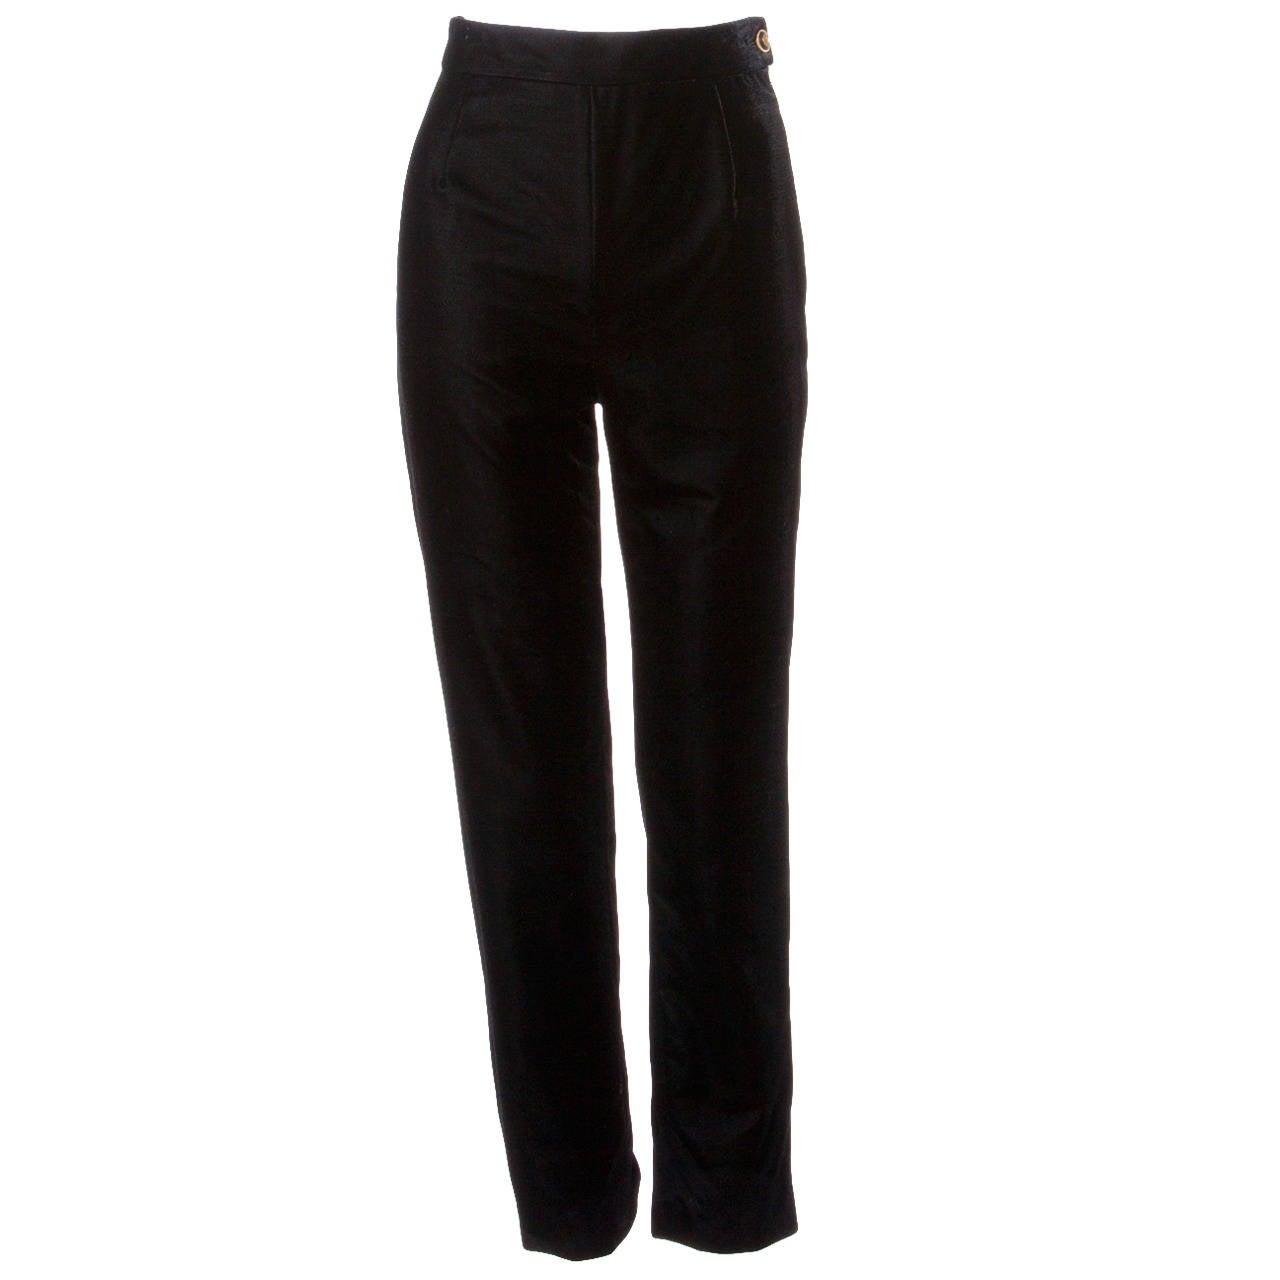 A/W 1993 Chanel Vintage Black Velvet High Waist Drainpipe Pants For Sale